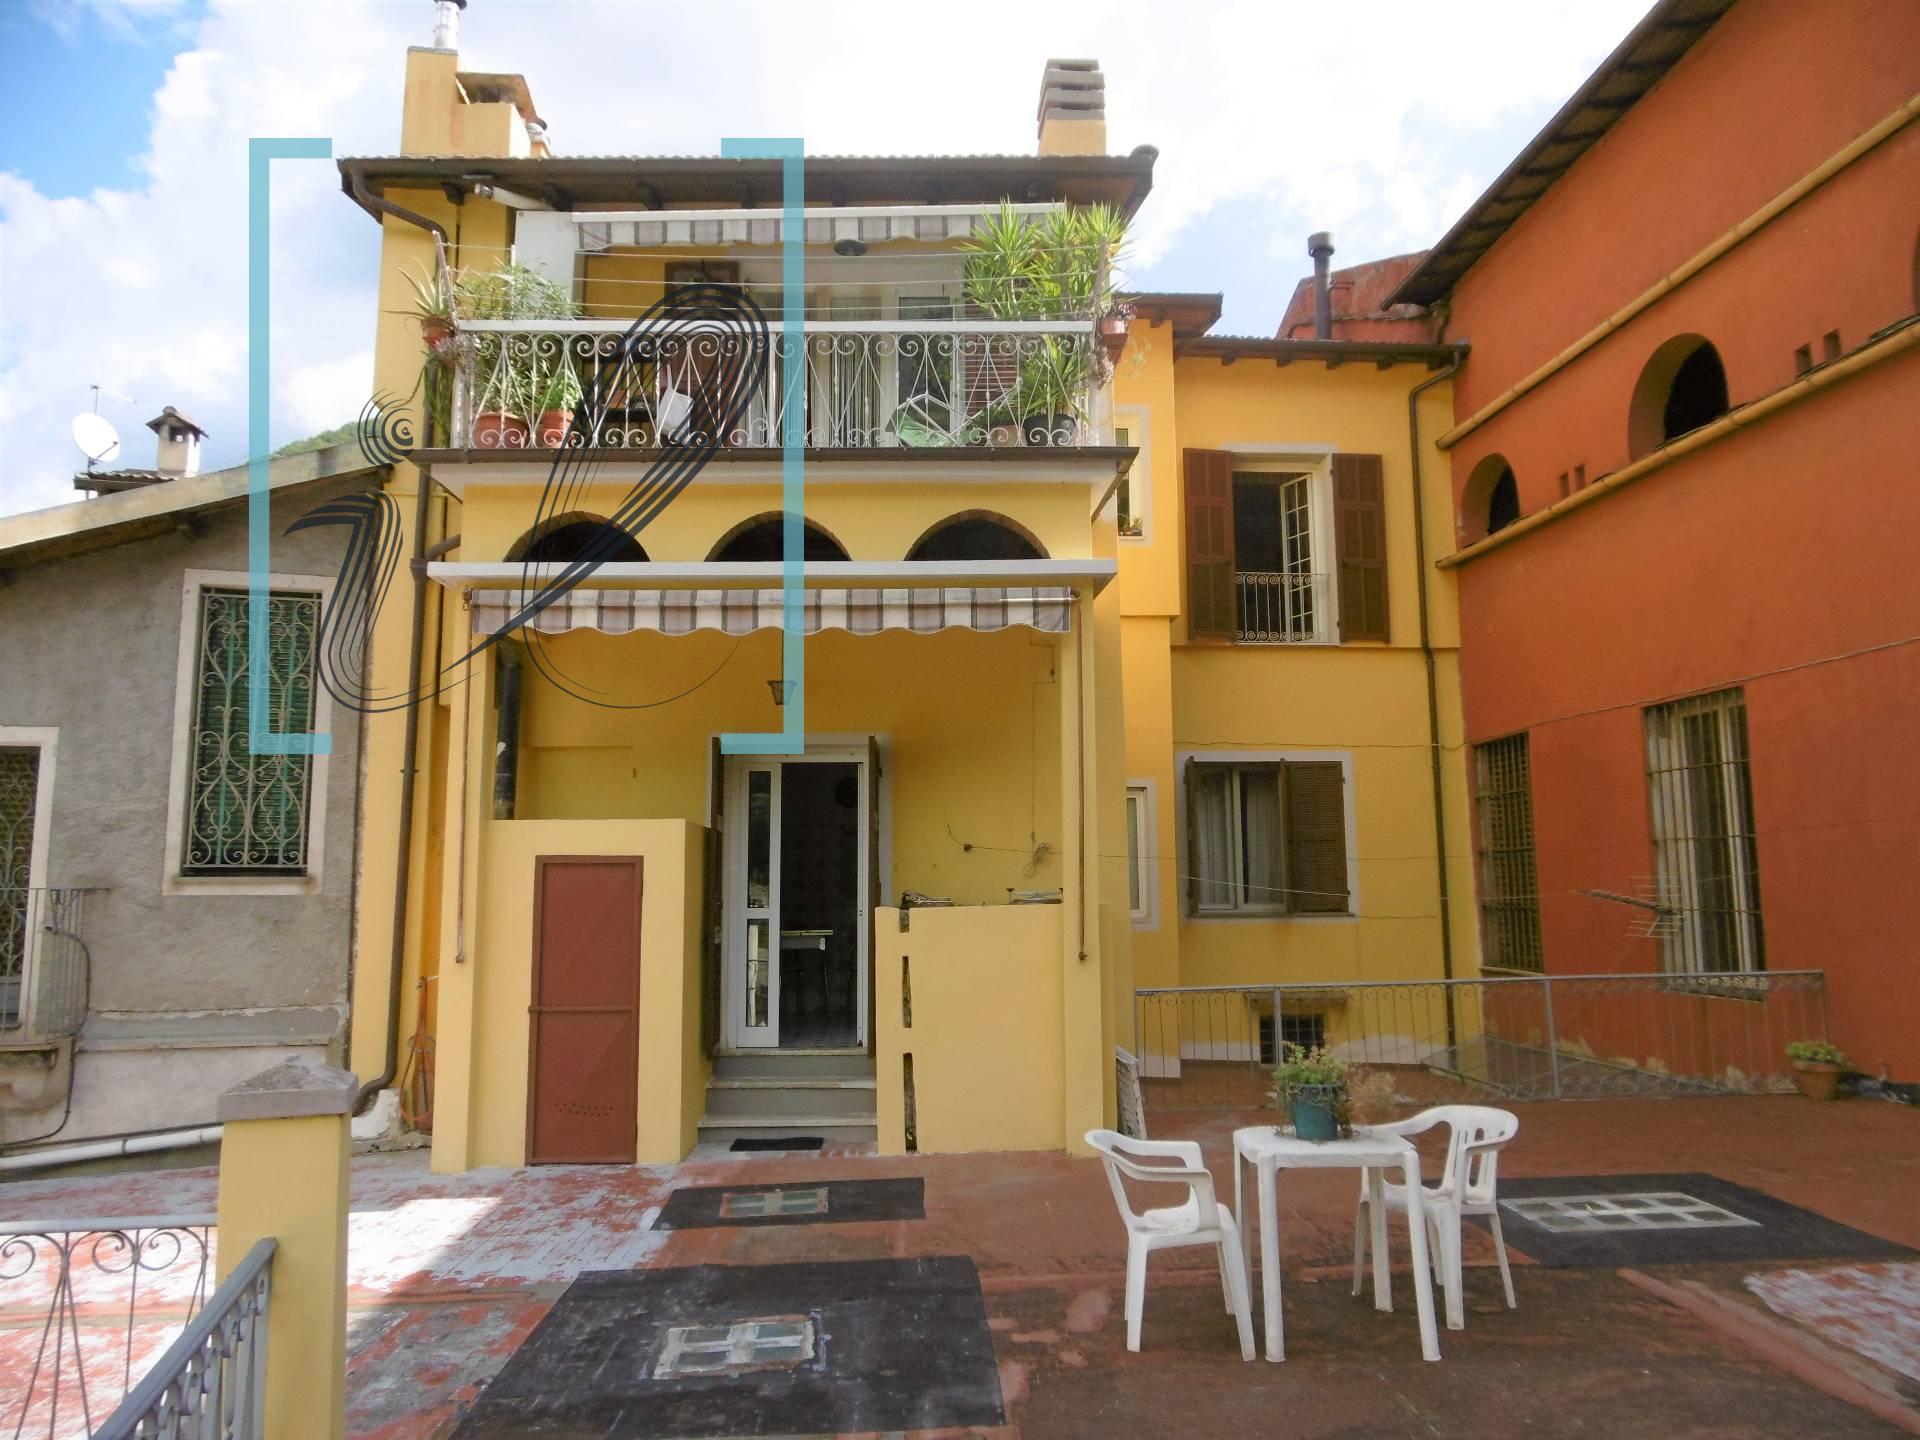 Appartamento in vendita a Pieve di Teco, 4 locali, prezzo € 138.000 | CambioCasa.it